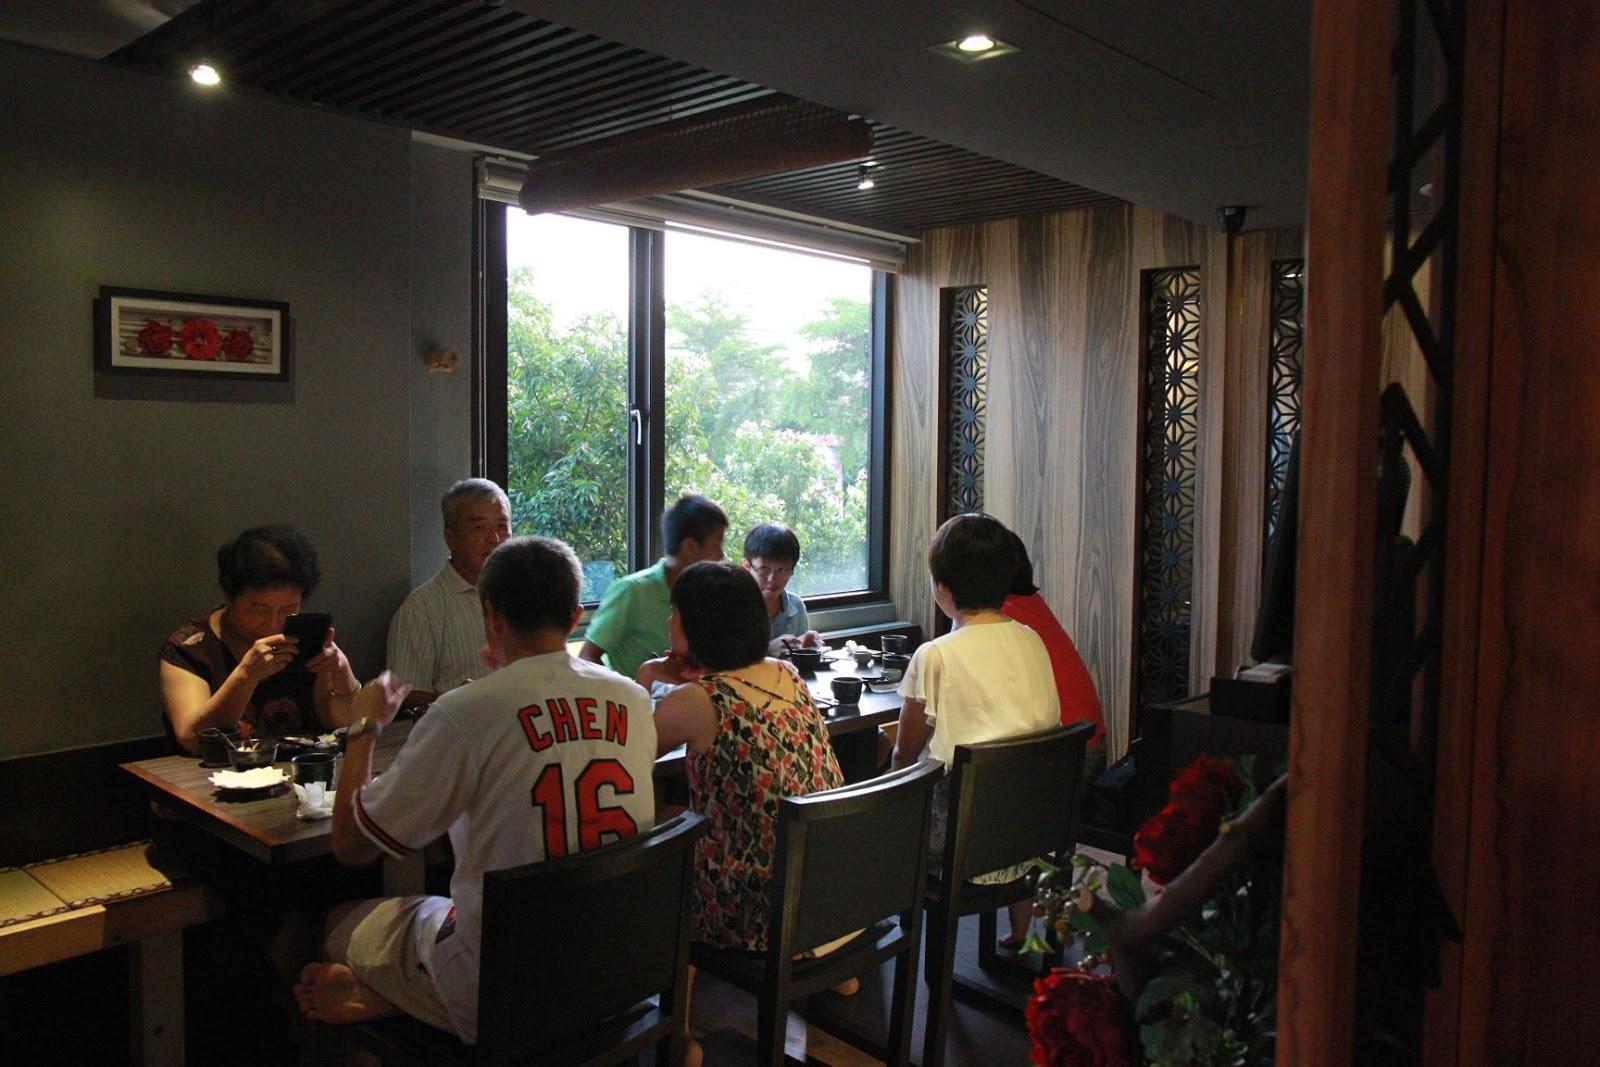 曼蒂女王 的 生活筆記本: 【竹北食記】 日式料理 Toro賞 手作新食感 和食